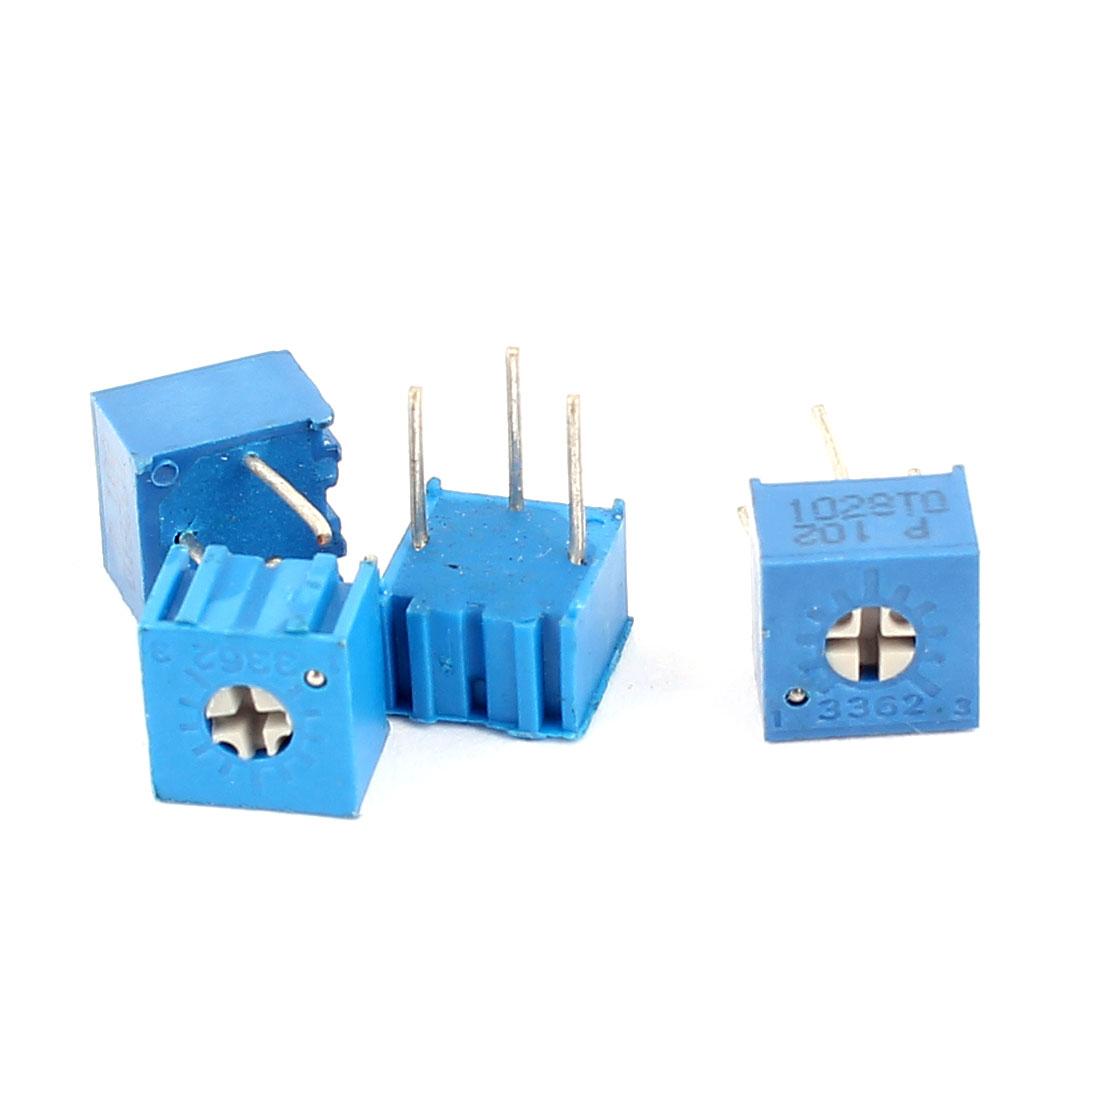 4 Pcs 3362P-201 1K Ohm Square Trimming Potentiometers